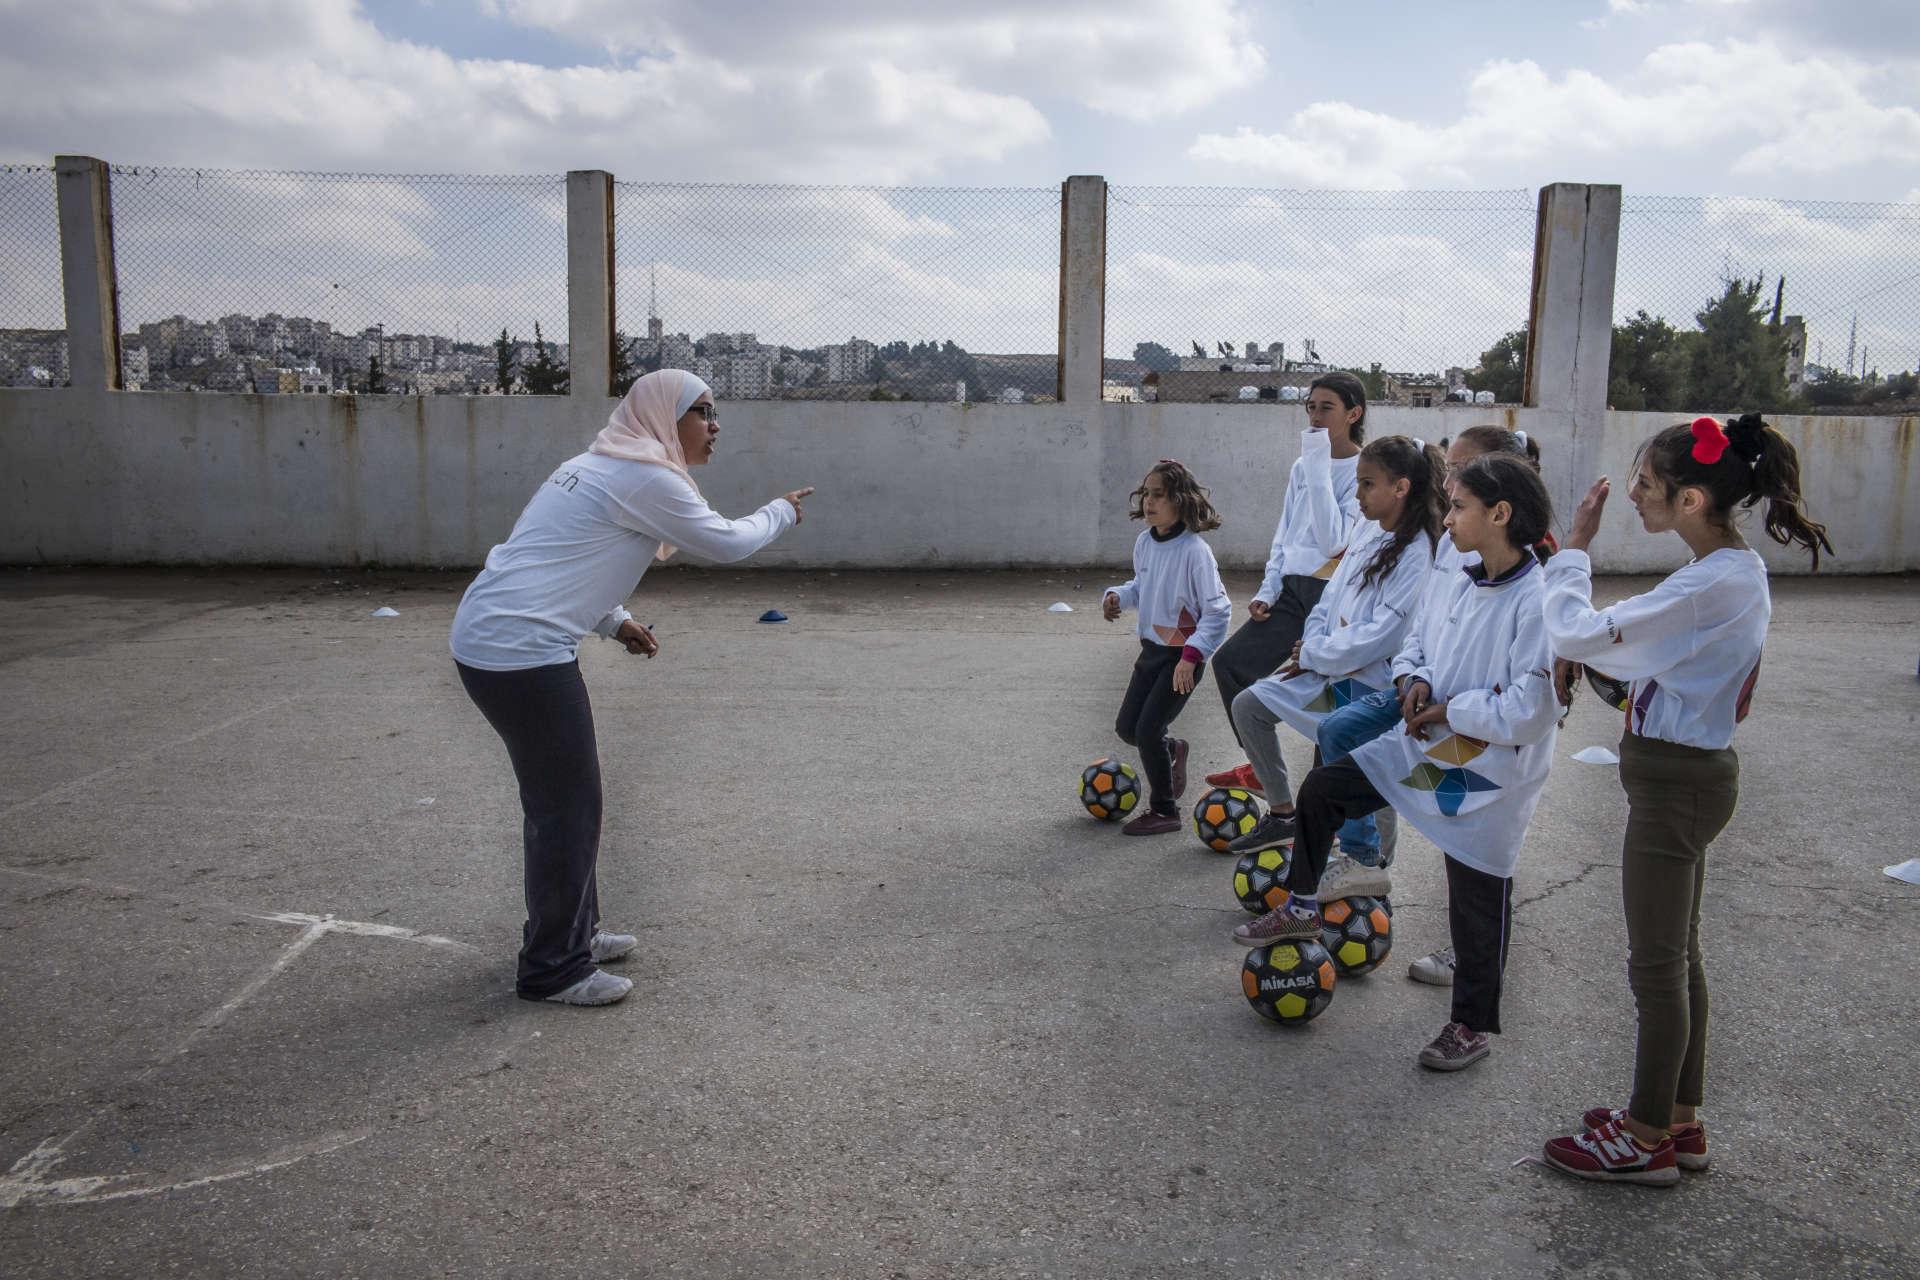 """Bénéficiant de l'initiative Madrasati (mon école), lancée en 2008 etvisant à améliorer les conditions d'apprentissage physique et éducatif, de jeunesfilles ont l'opportunité de pratiquer un sport dans une société qui ne leur en donne pas assez souvent l'occasion. """"Les filles ont autant le droit de jouer au football que les garçons"""", commente Rahaf, la jeune coach de l'association. Le 17 novembre 2018."""